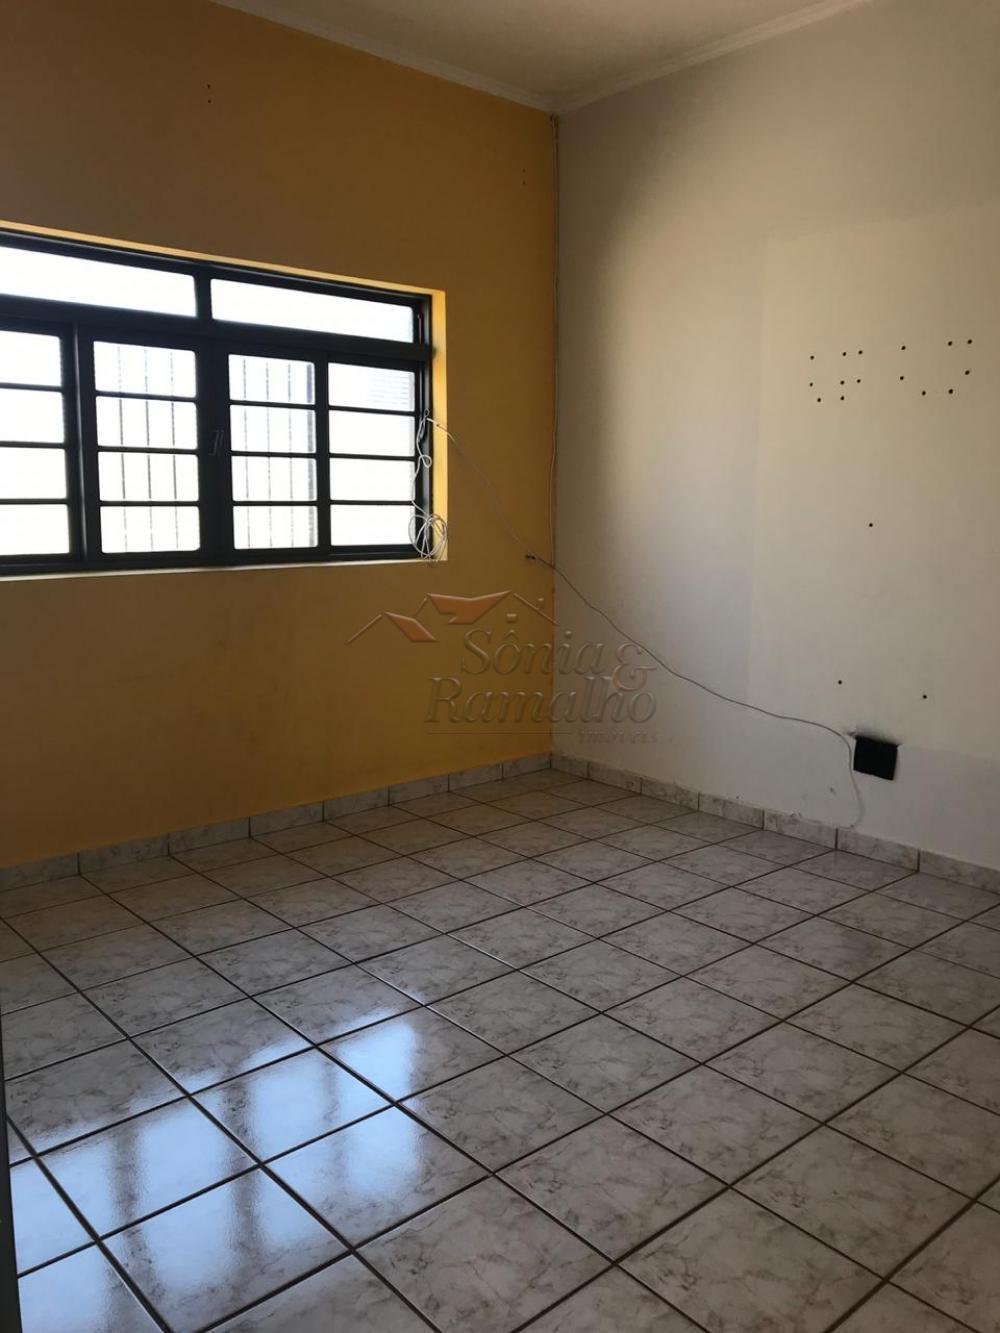 Comprar Casas / Padrão em Ribeirão Preto apenas R$ 340.000,00 - Foto 19